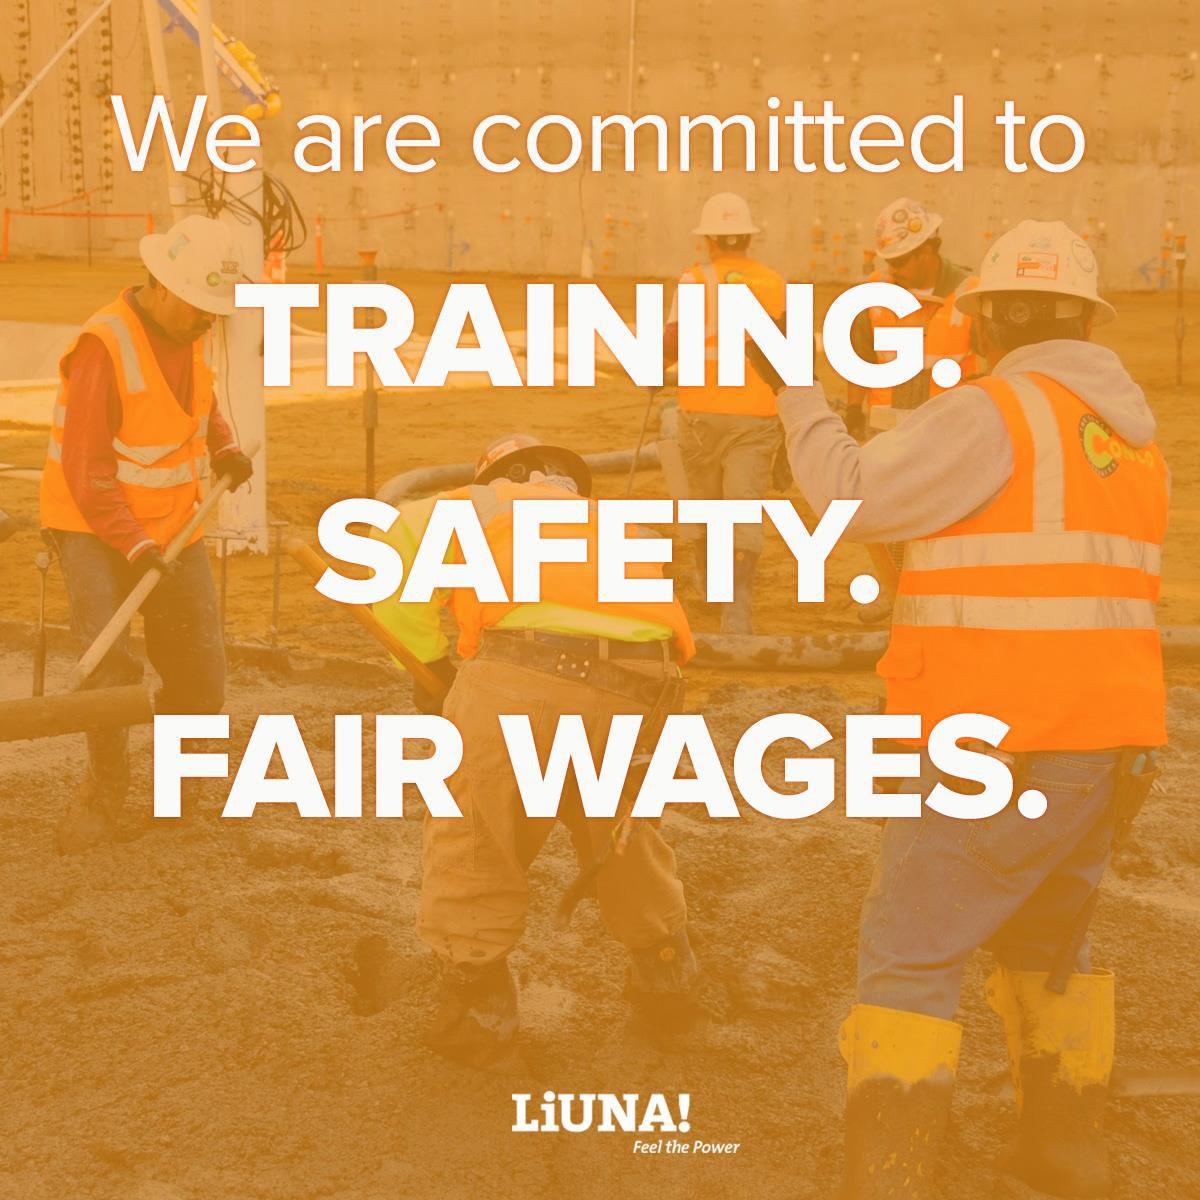 LiUNA Safety Training Fair Wages.jpg